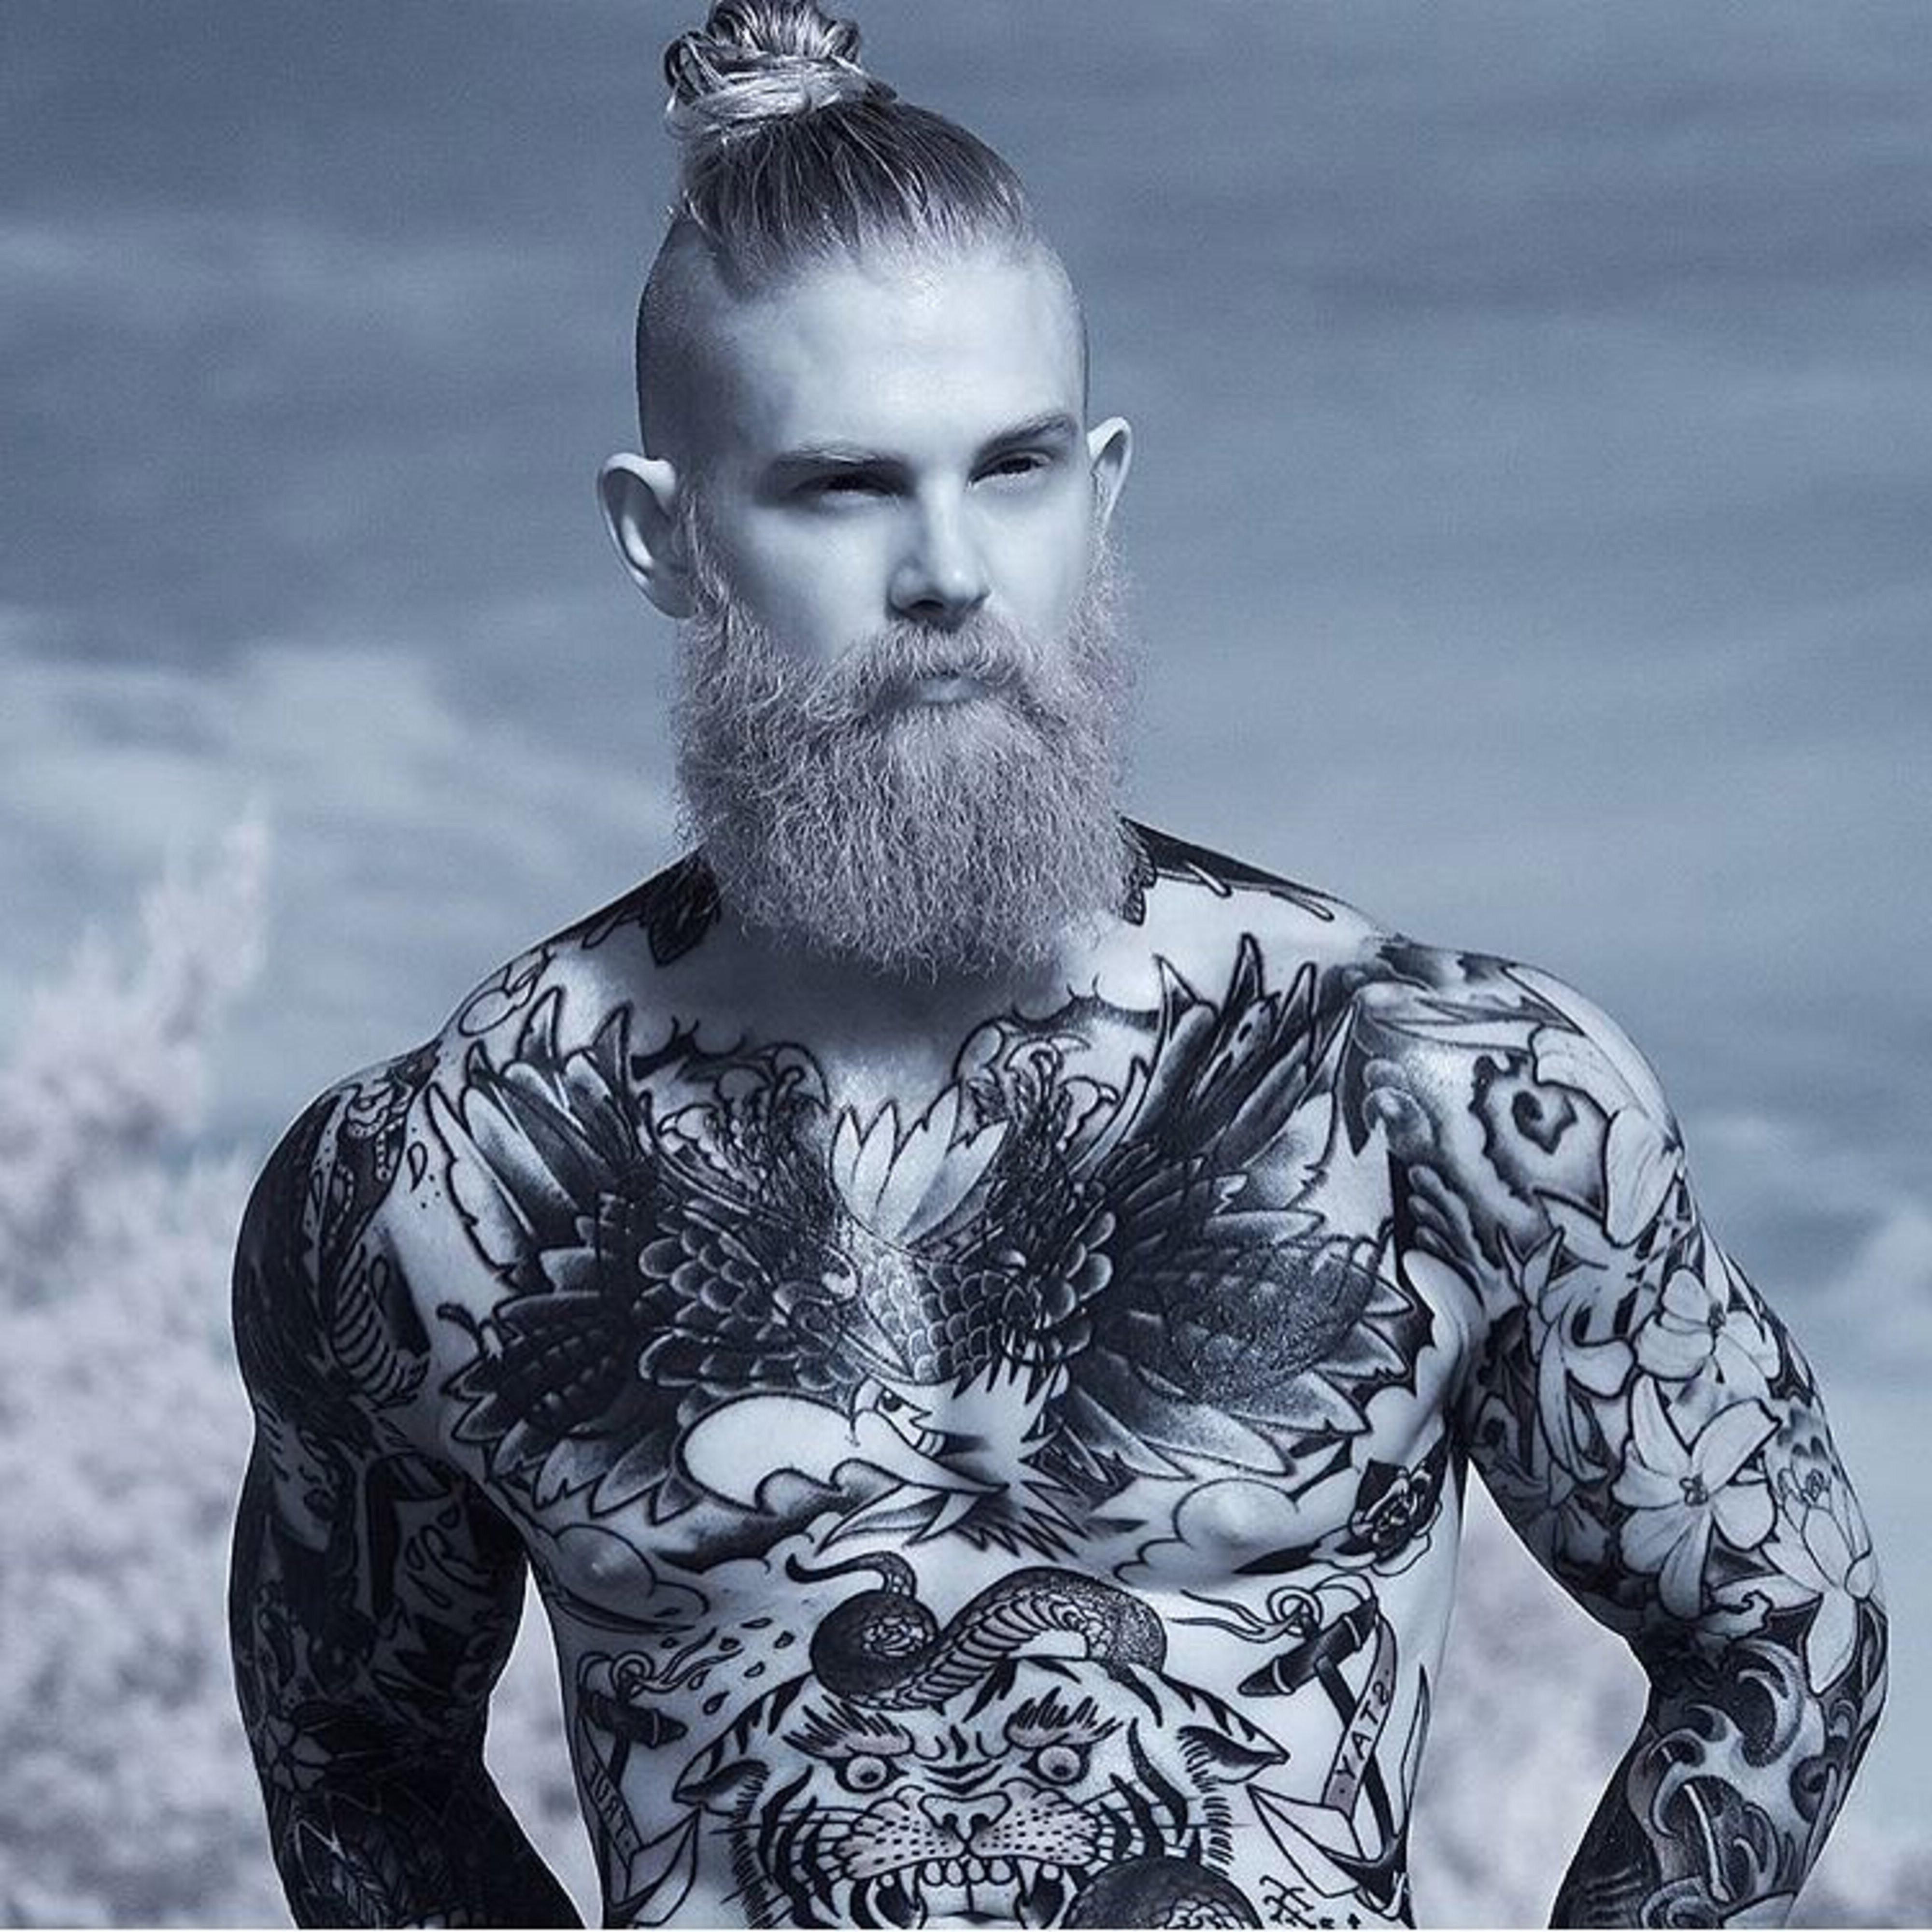 A long beard with a bun style.